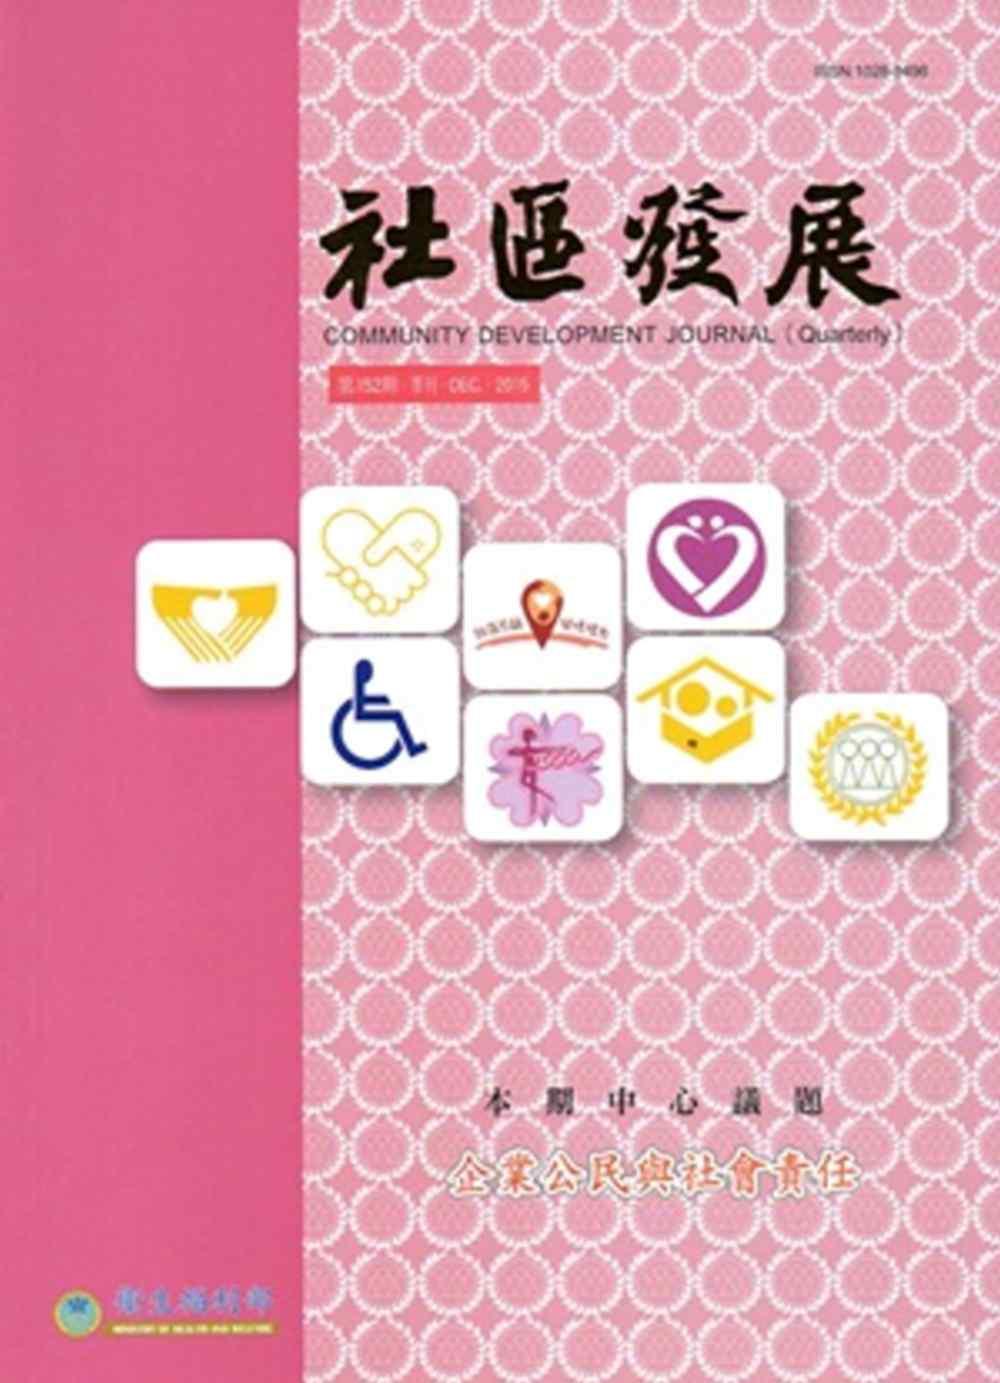 社區發展季刊152期:企業公民與社會責任(2015/12)